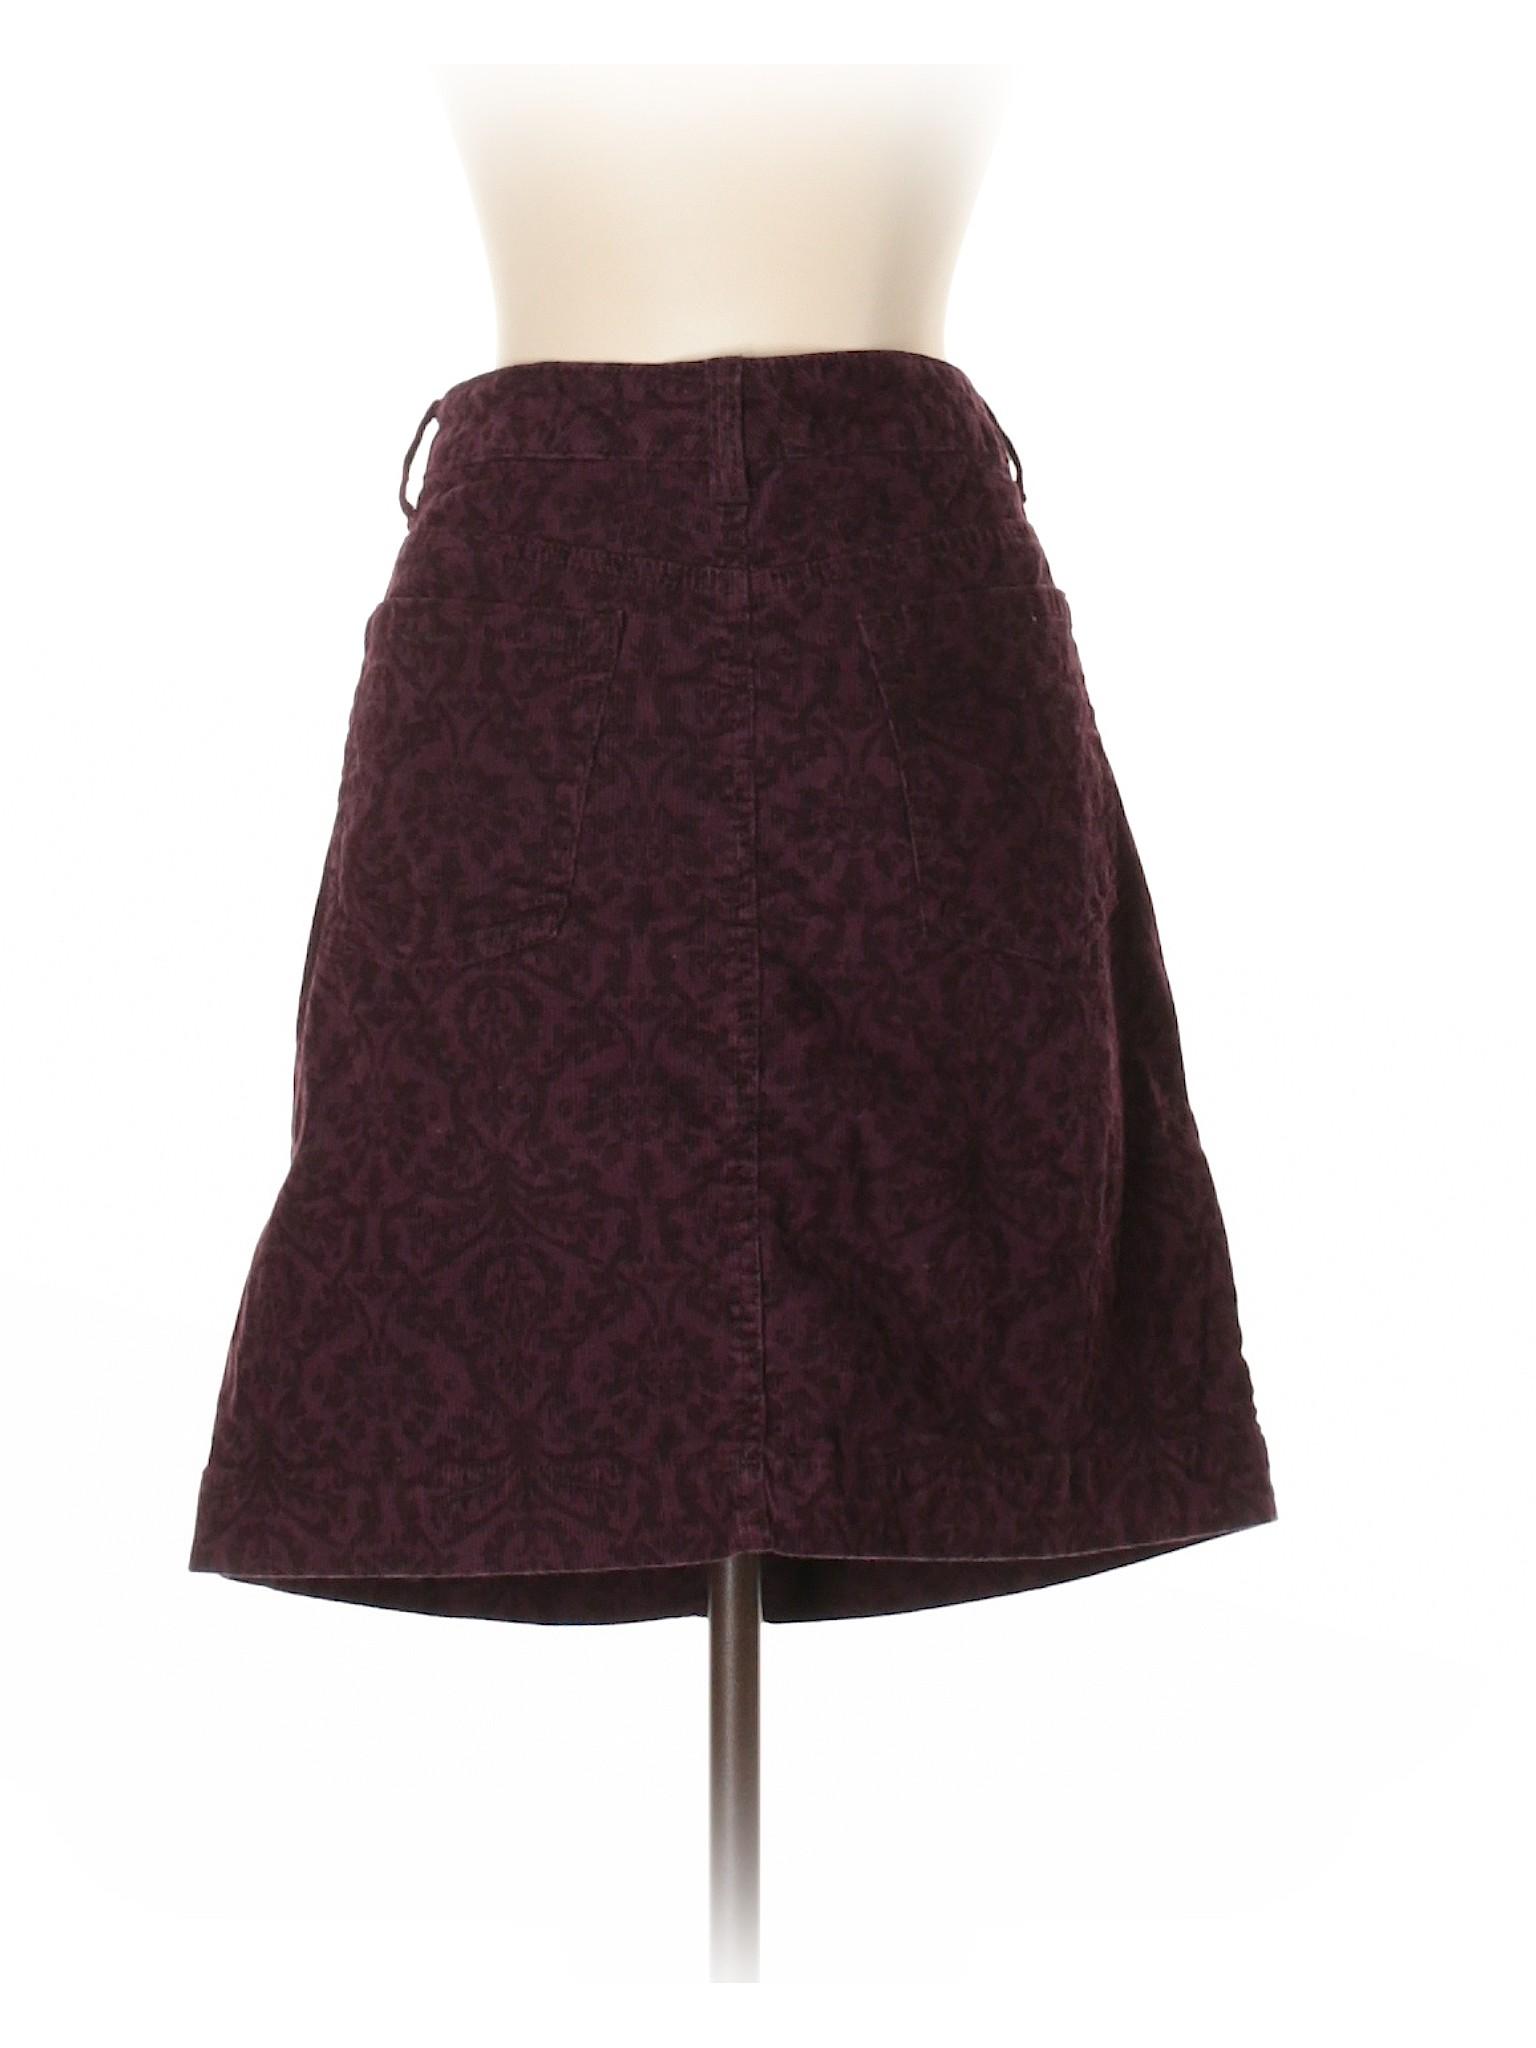 Boutique Skirt Skirt Boutique Boutique Casual Casual Casual Skirt Boutique Casual Skirt vrvEHqw